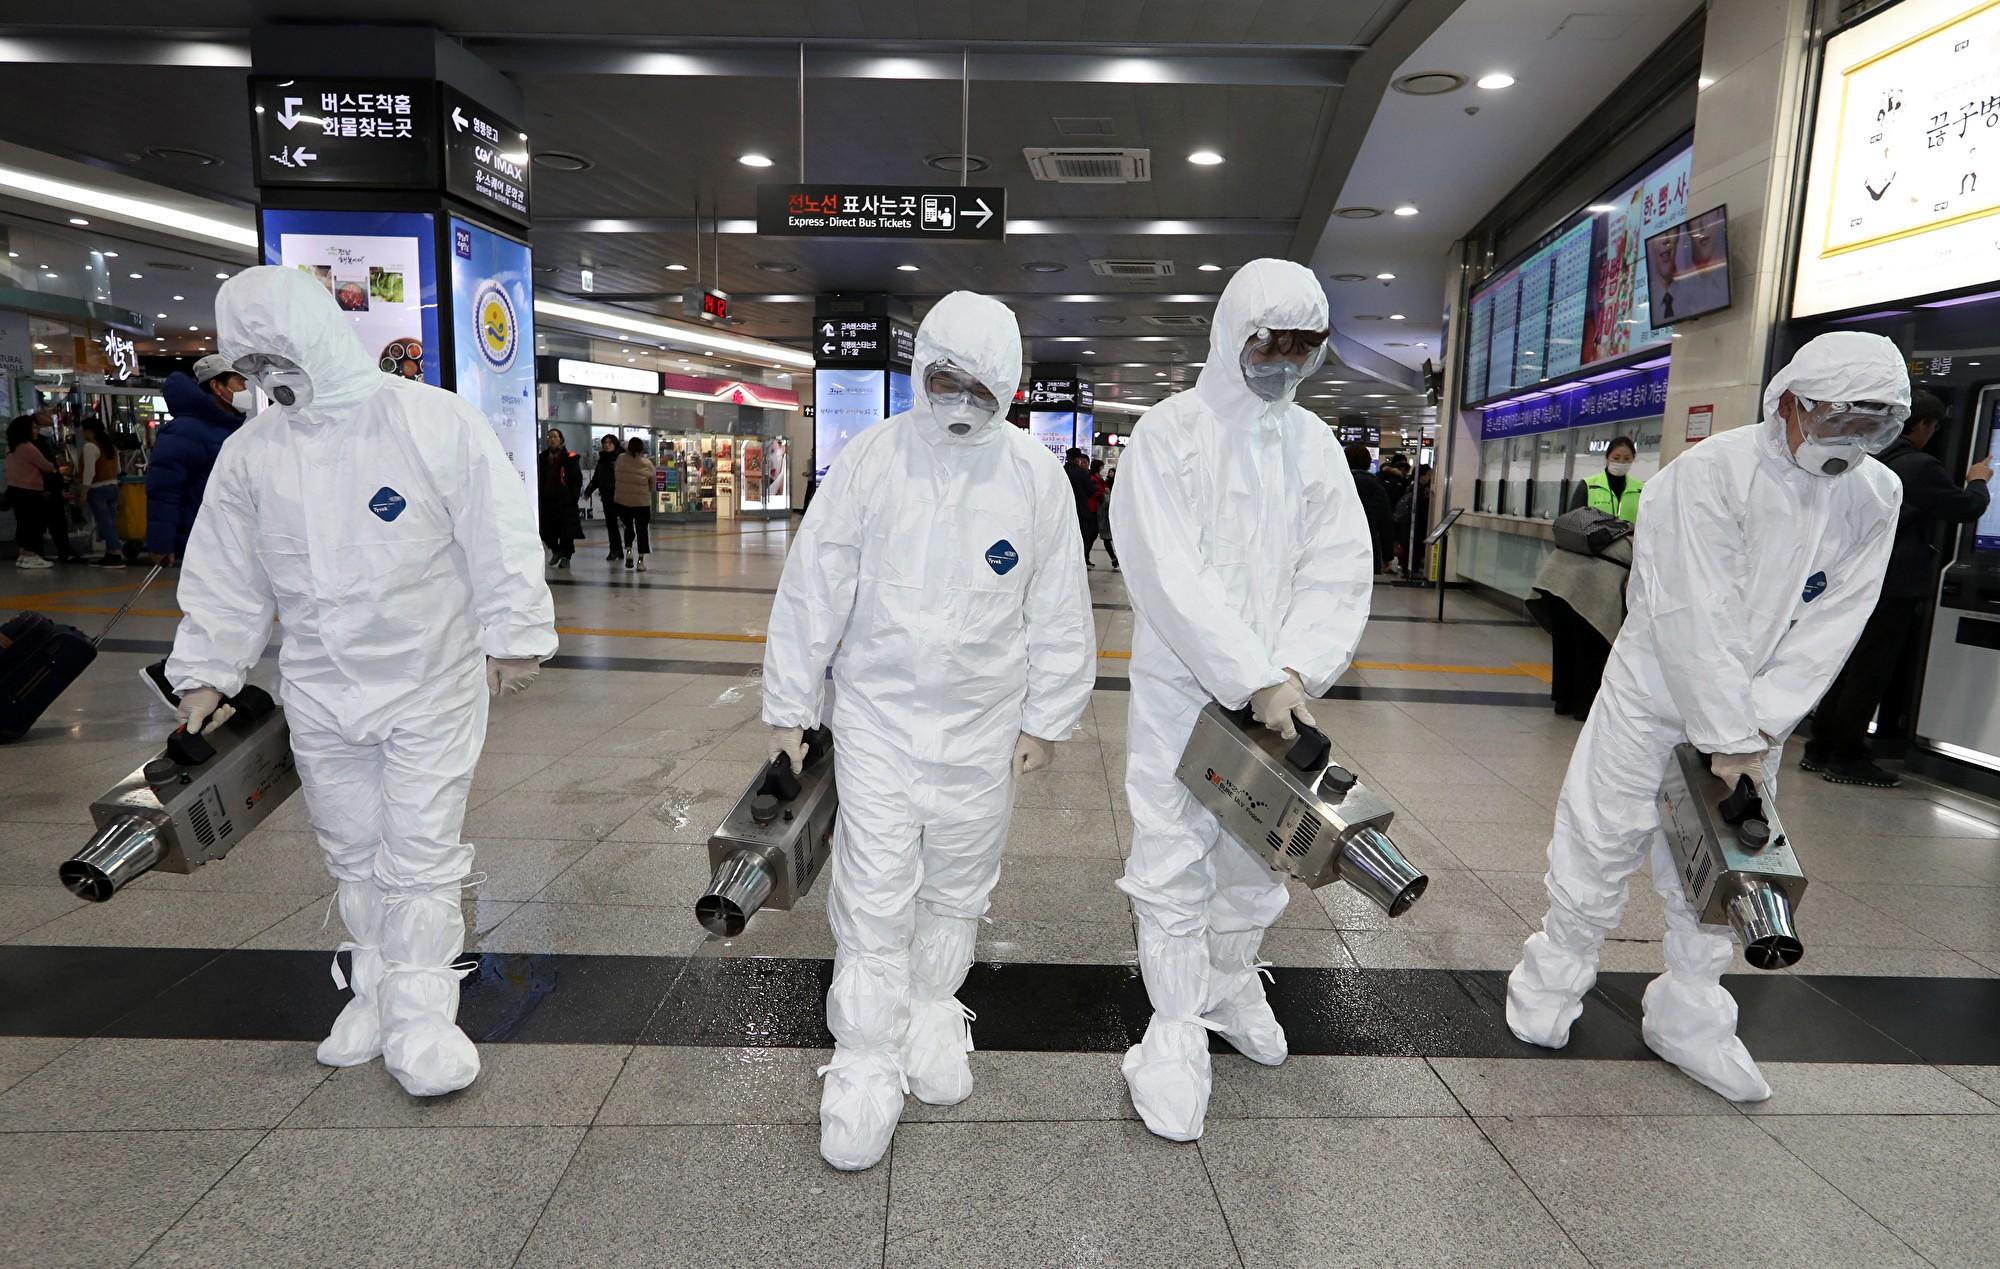 武漢肺炎疫情升級 傳美將限制往來中國航班